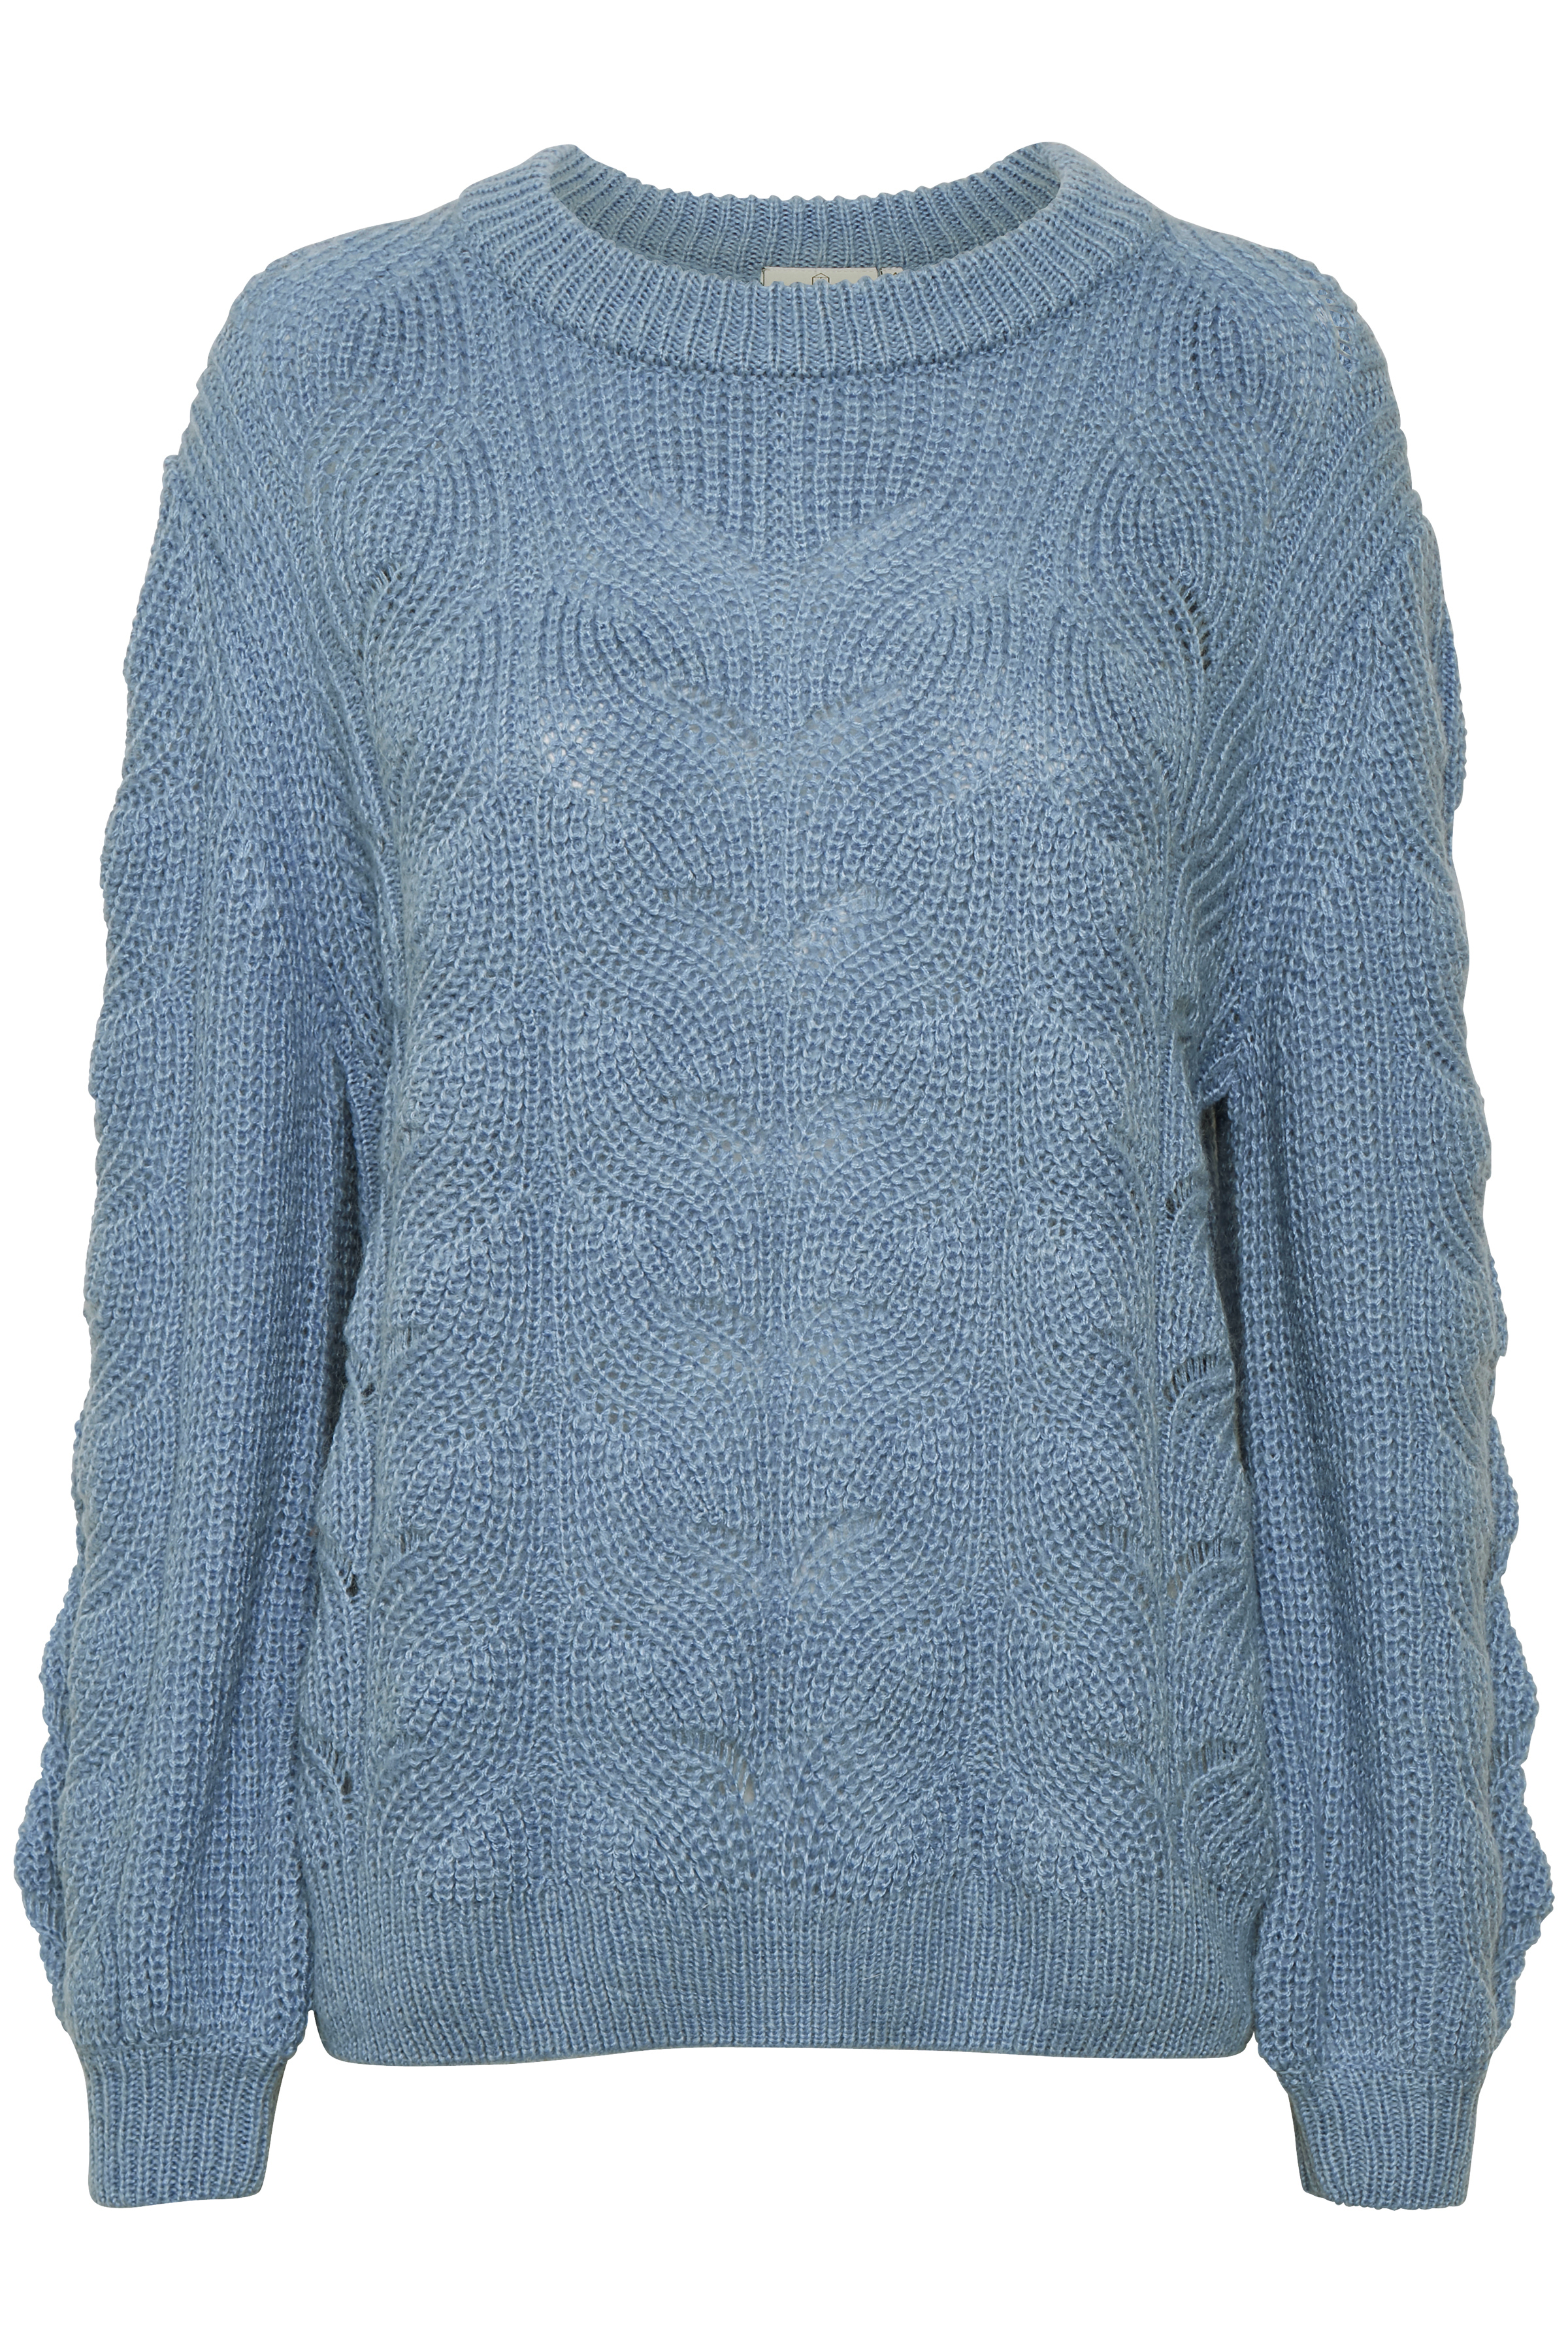 Lichtblauw Gebreide trui van Kaffe – Door Lichtblauw Gebreide trui van maat. XS-XXL hier